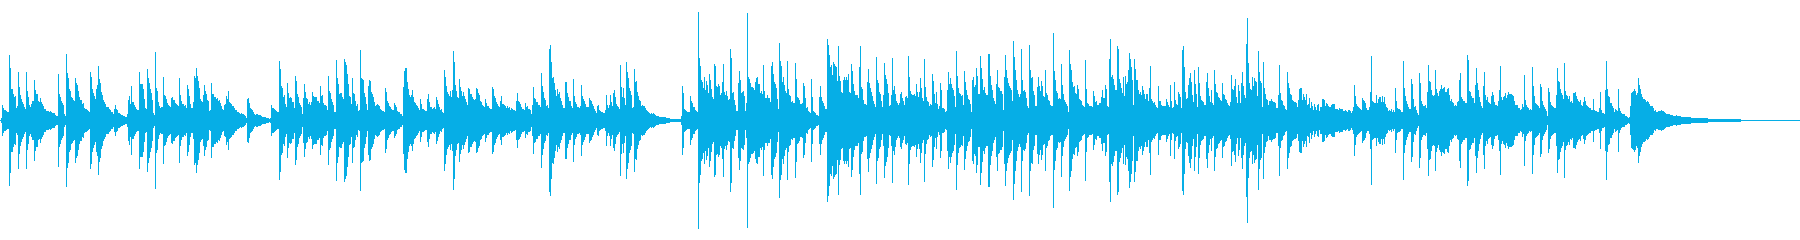 ほのぼの優しいアコースティックなBGMの再生済みの波形